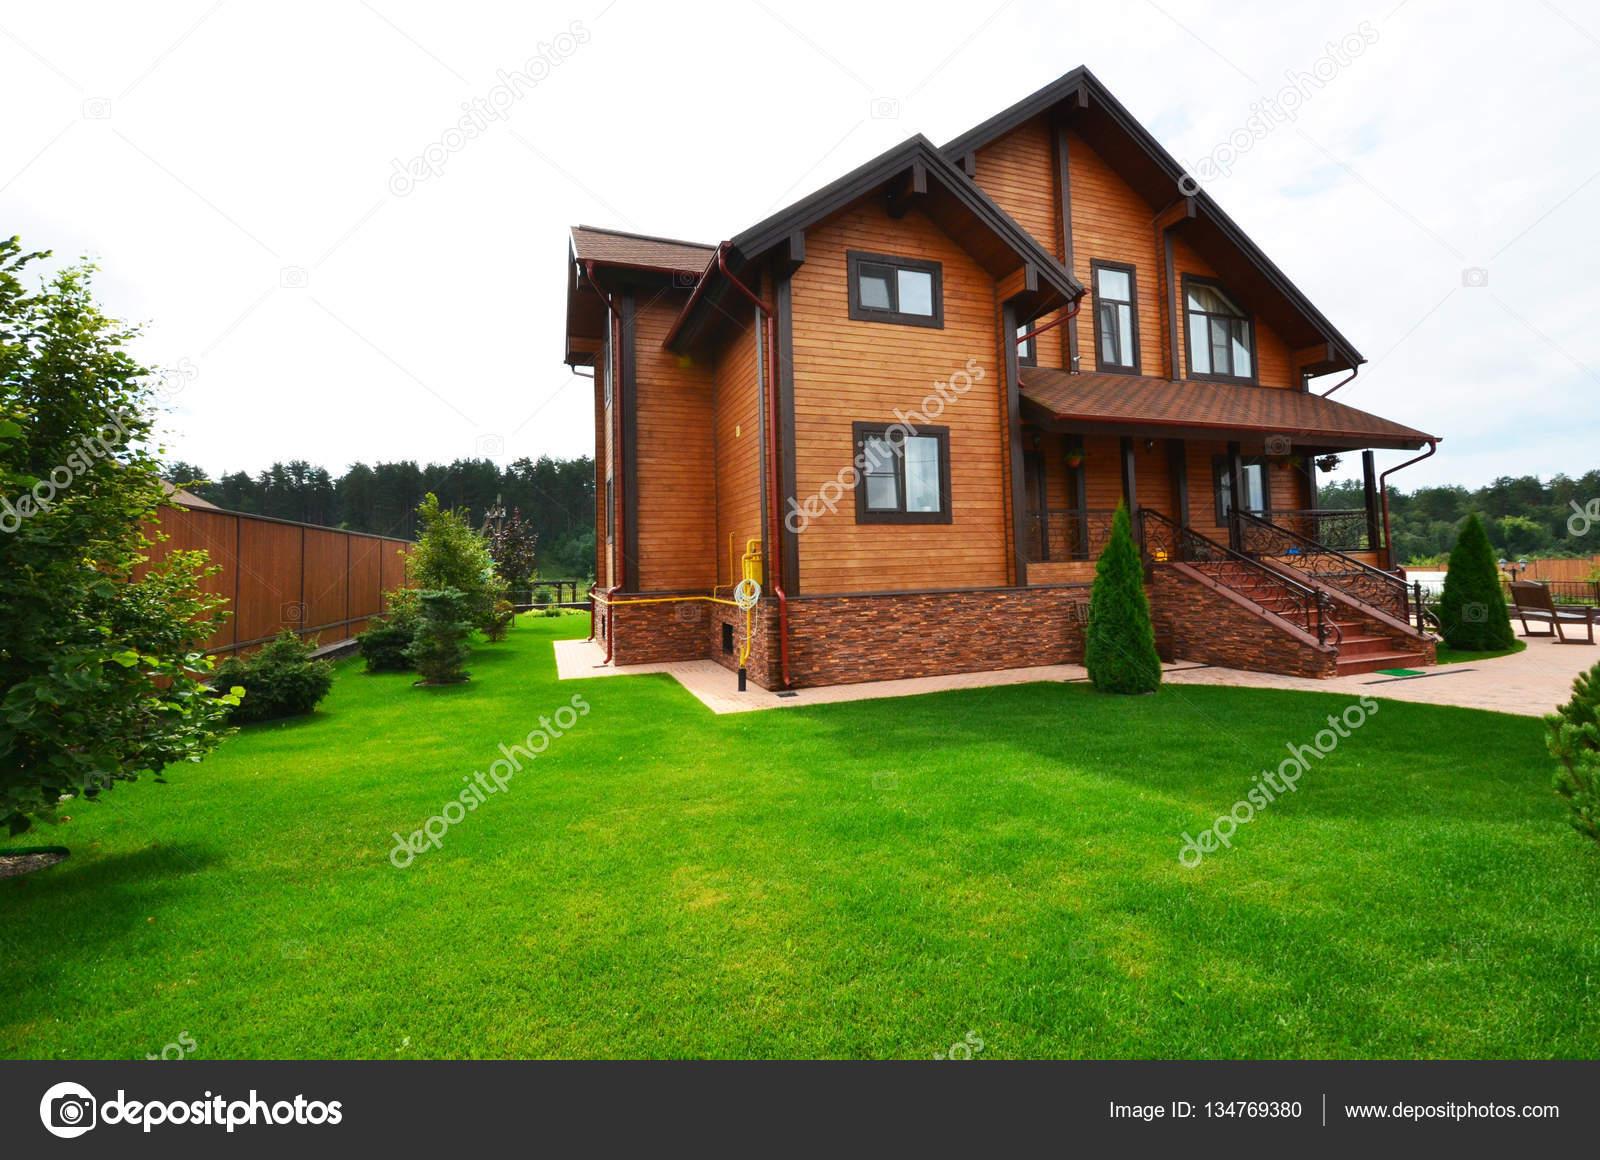 amnagement paysager sur le site dune maison de campagne maison en bois russiaa image de olgalanddis